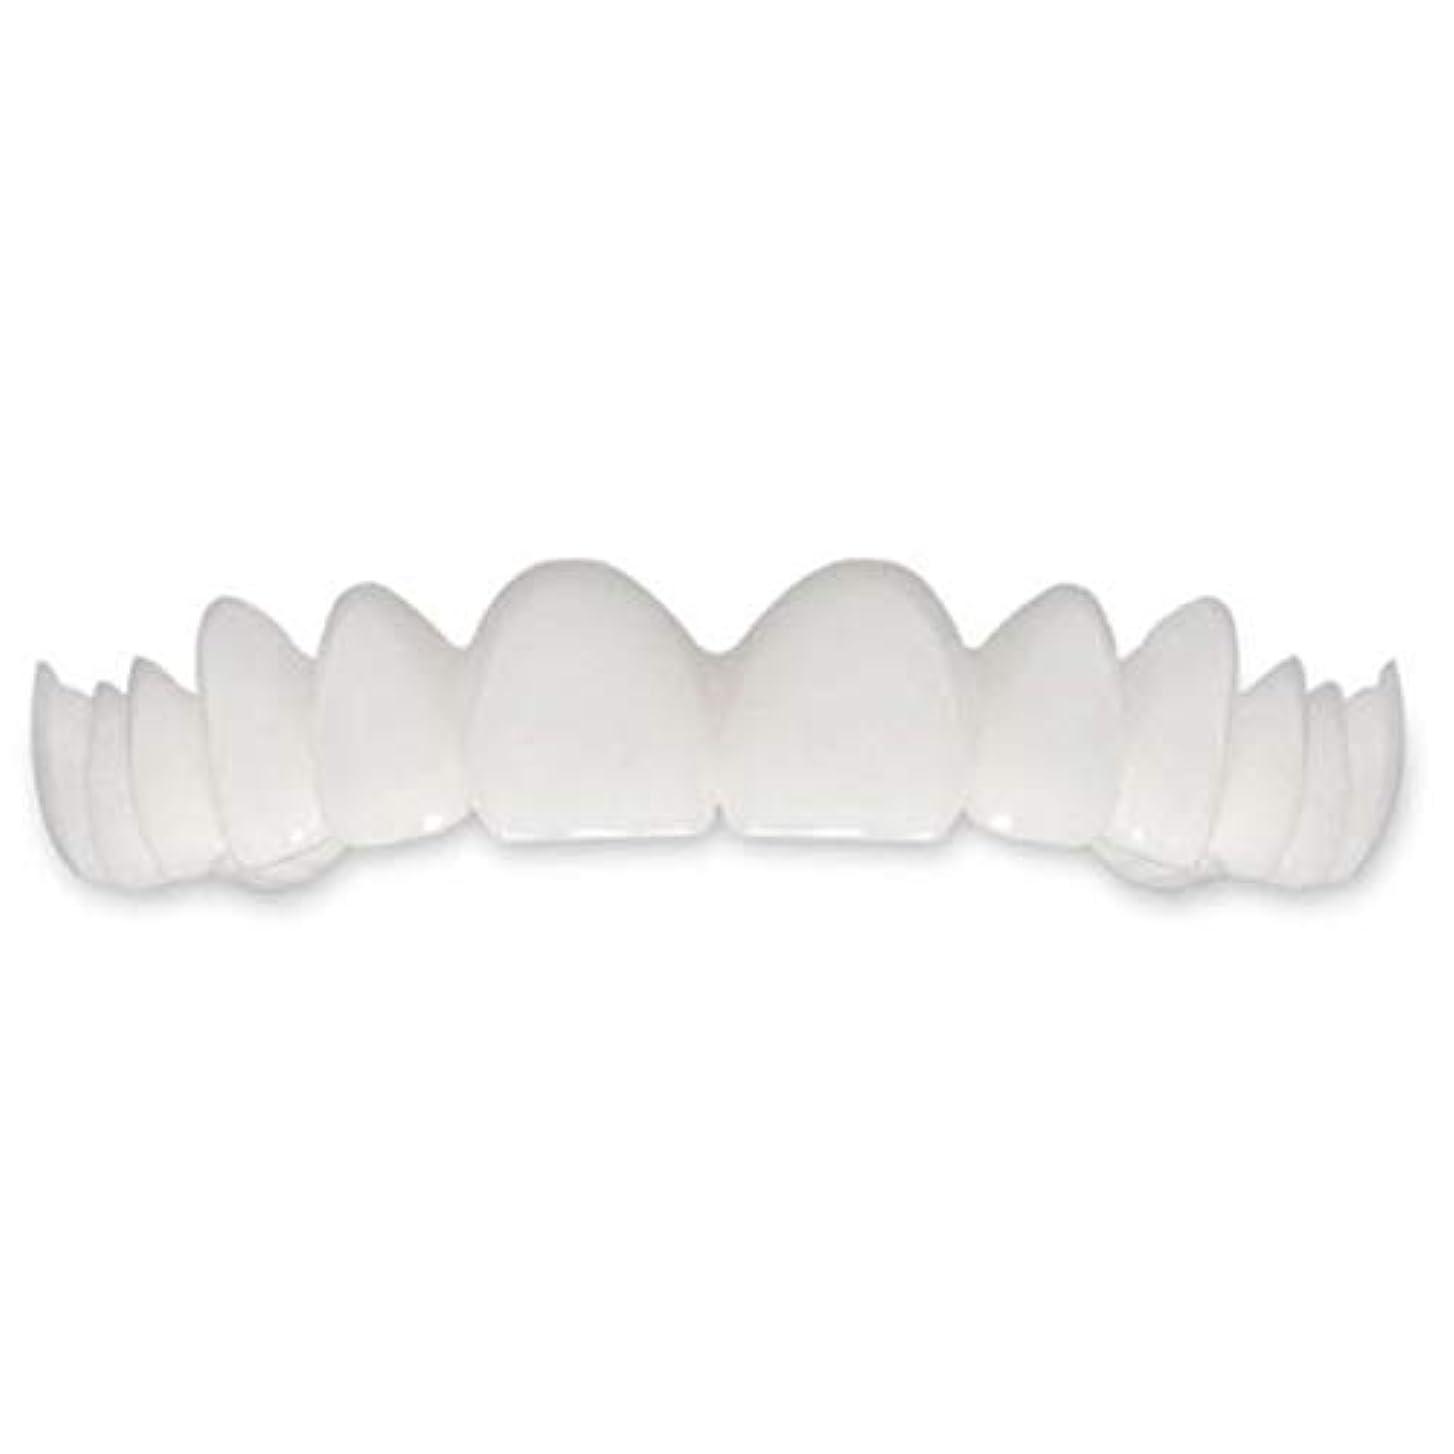 切り下げ故障火曜日Tooth Instant Perfect Smile Flex Teeth Whitening Smile False Teeth Cover-ホワイト